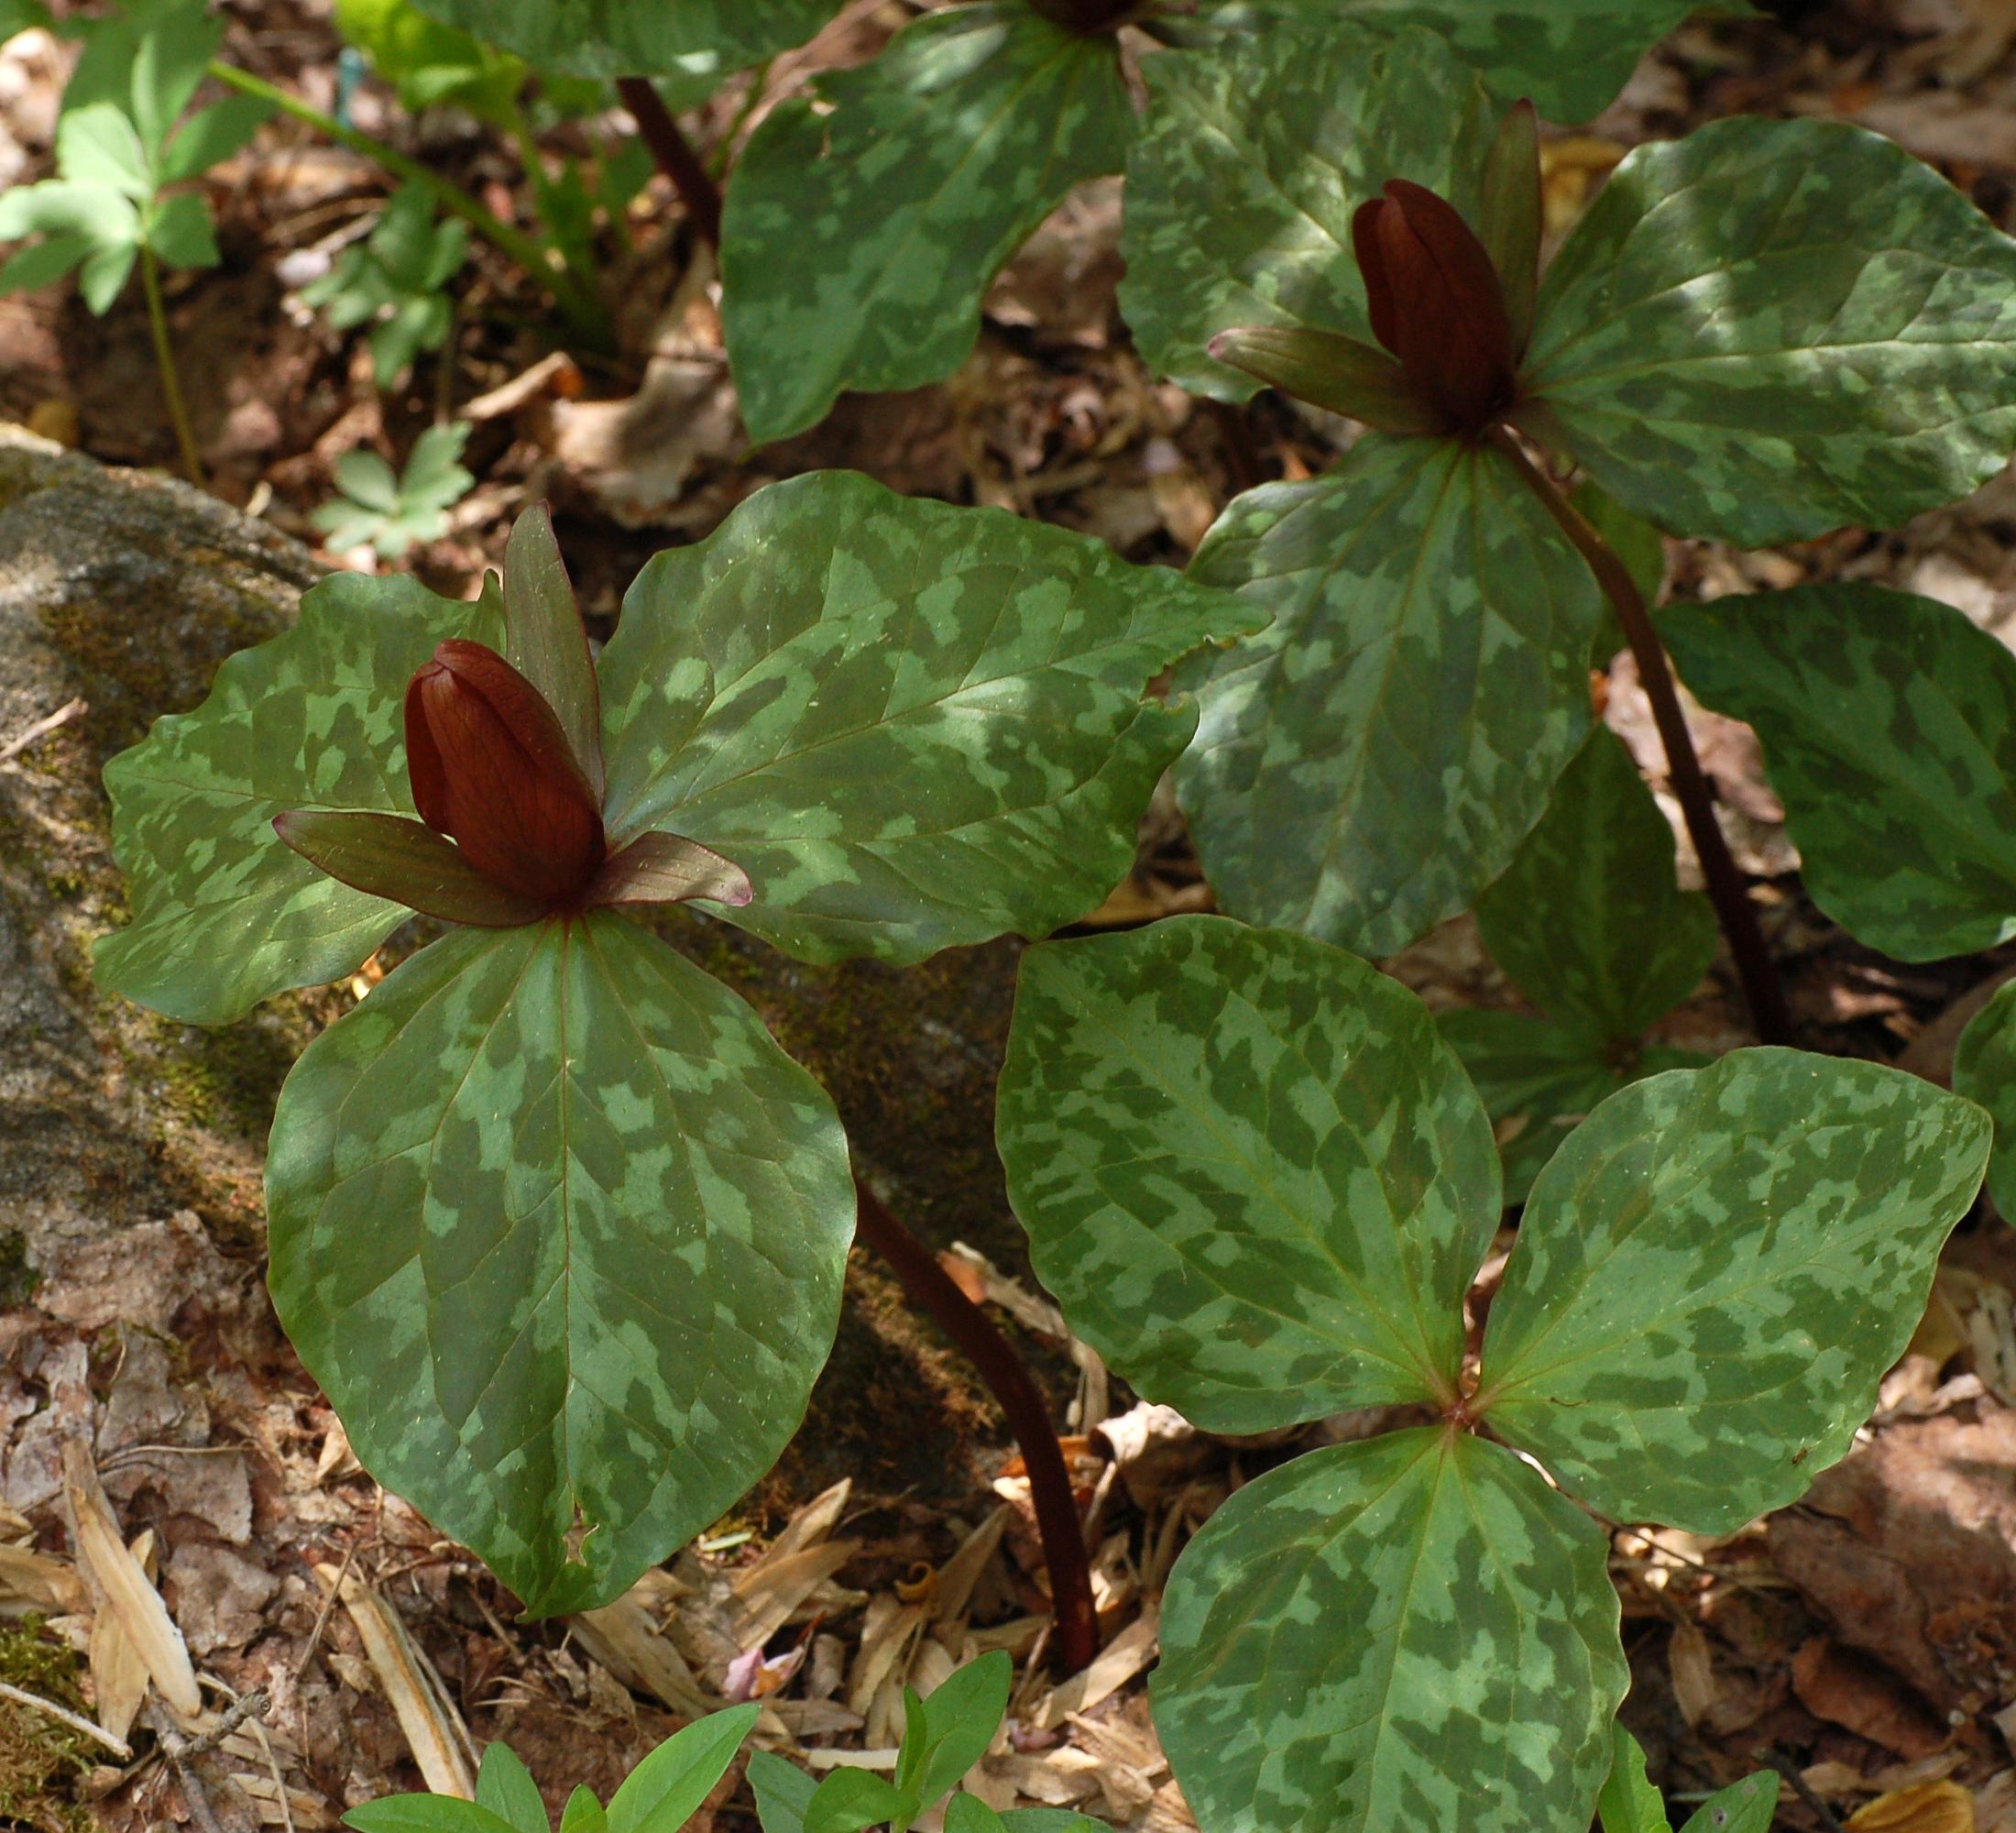 Toadshade Trillium Sessile File Large Toadshade Trillium